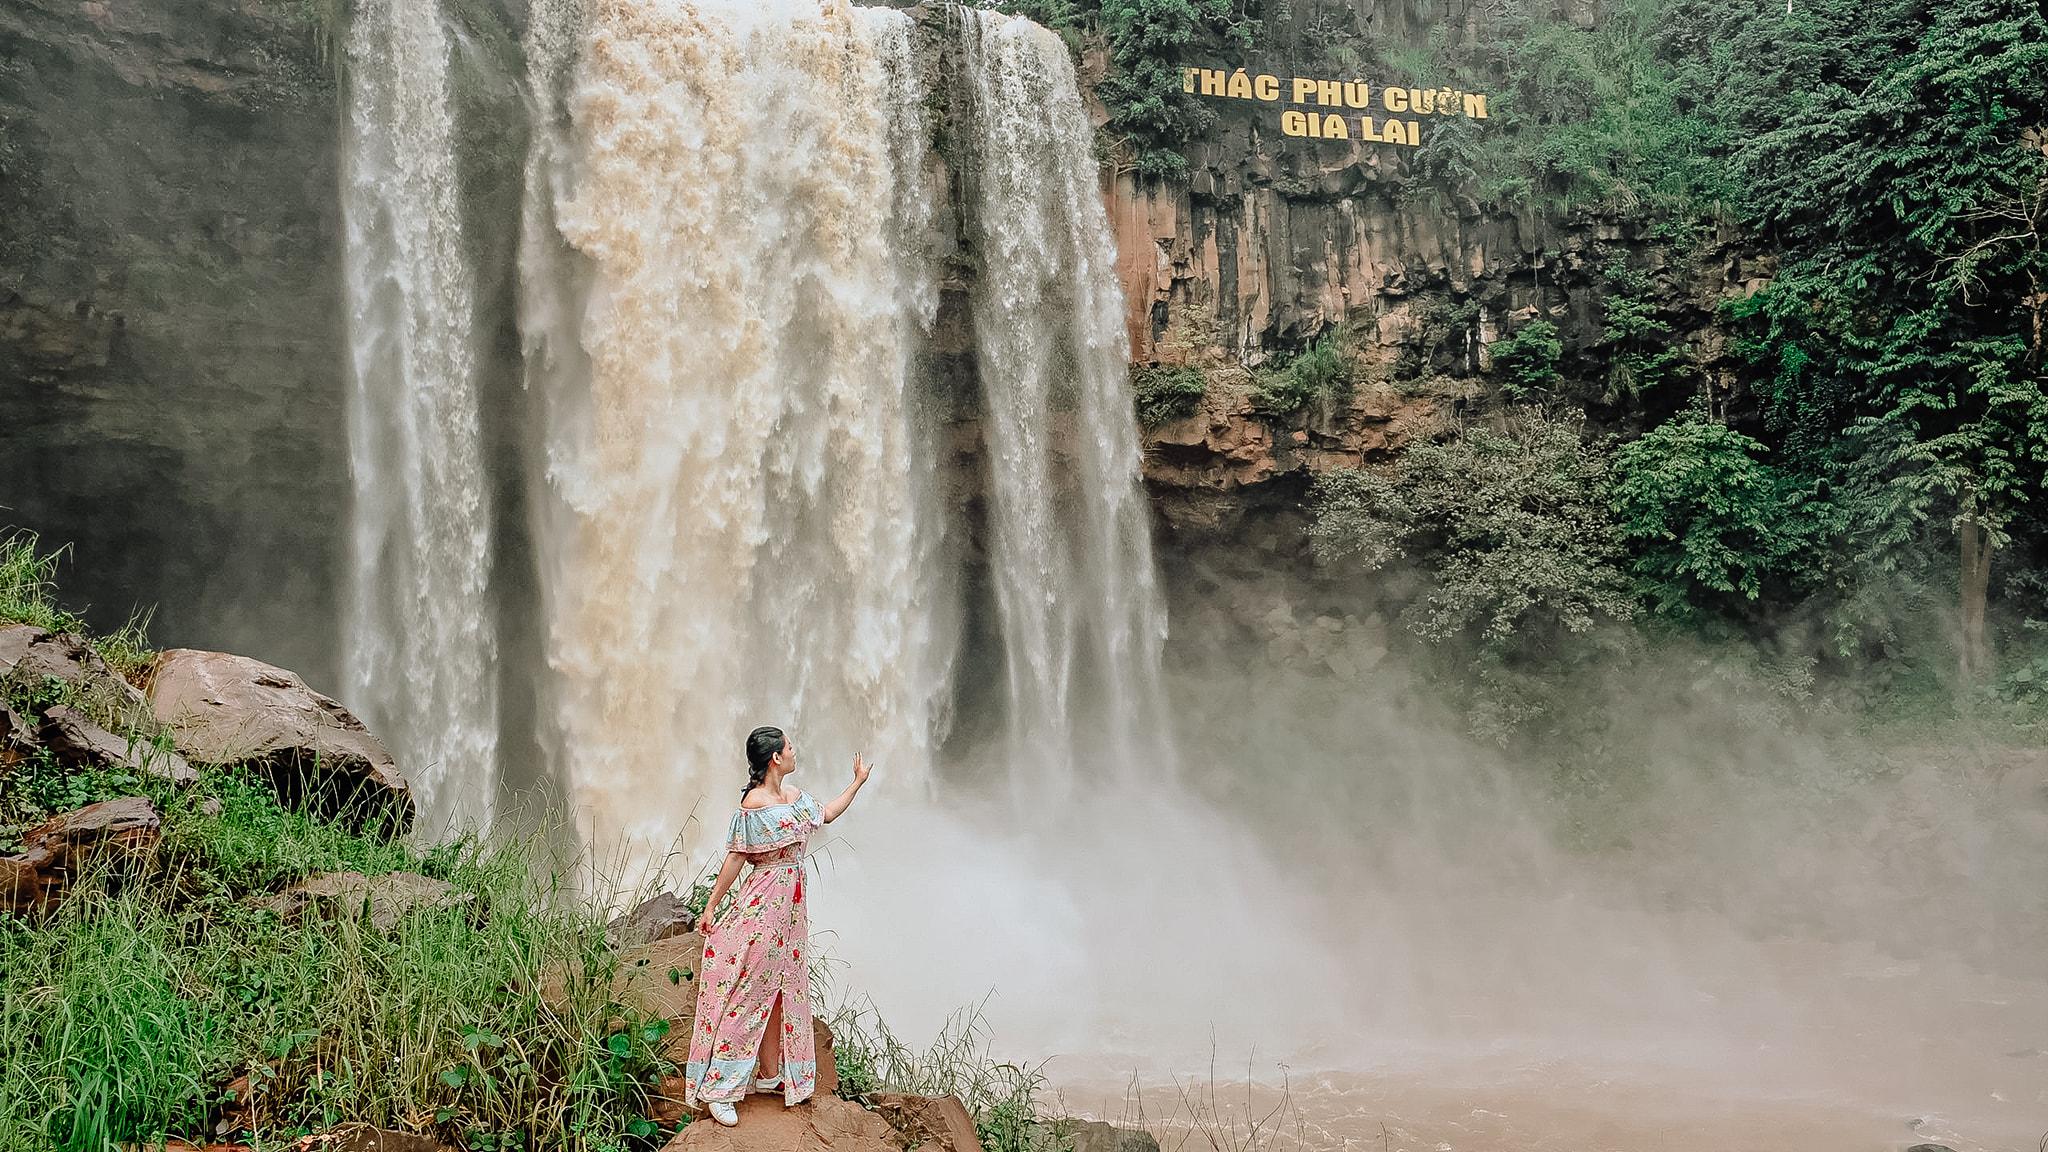 Du lịch Gia Lai – Kon Tum. Thác Phú Cường, Gia Lai